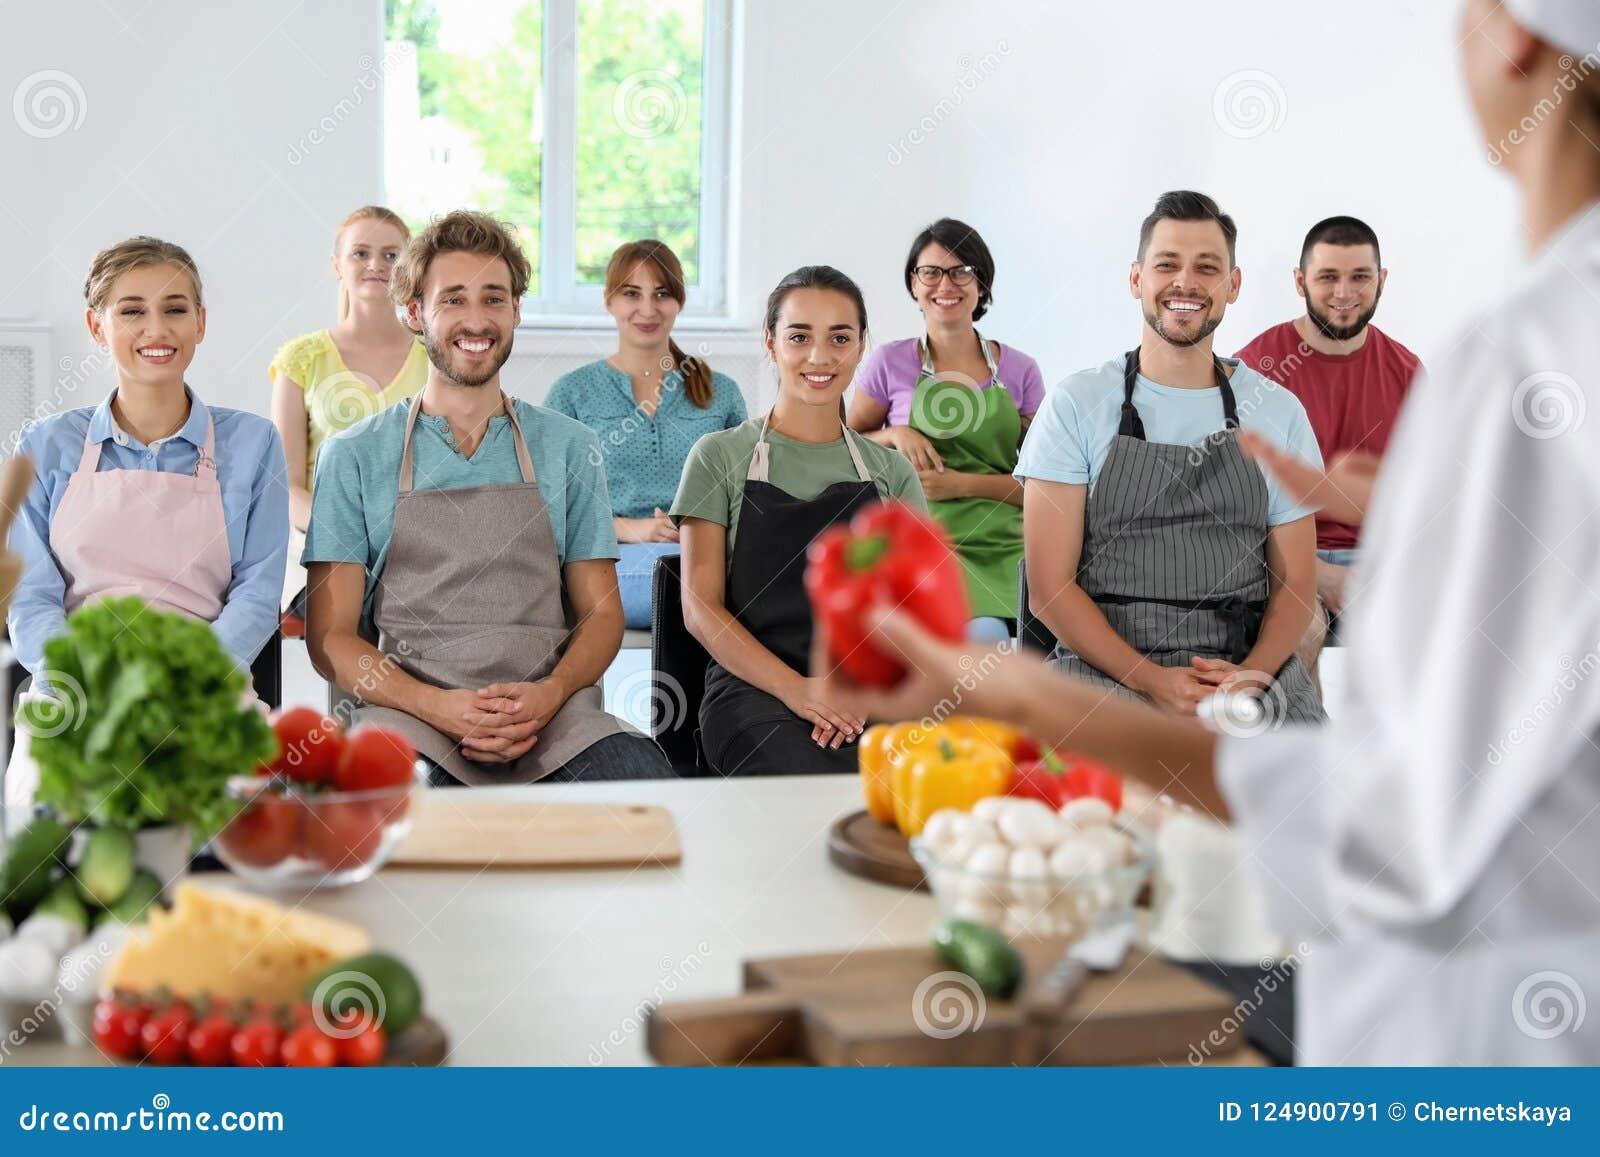 Gruppe von Personen und weiblicher Chef